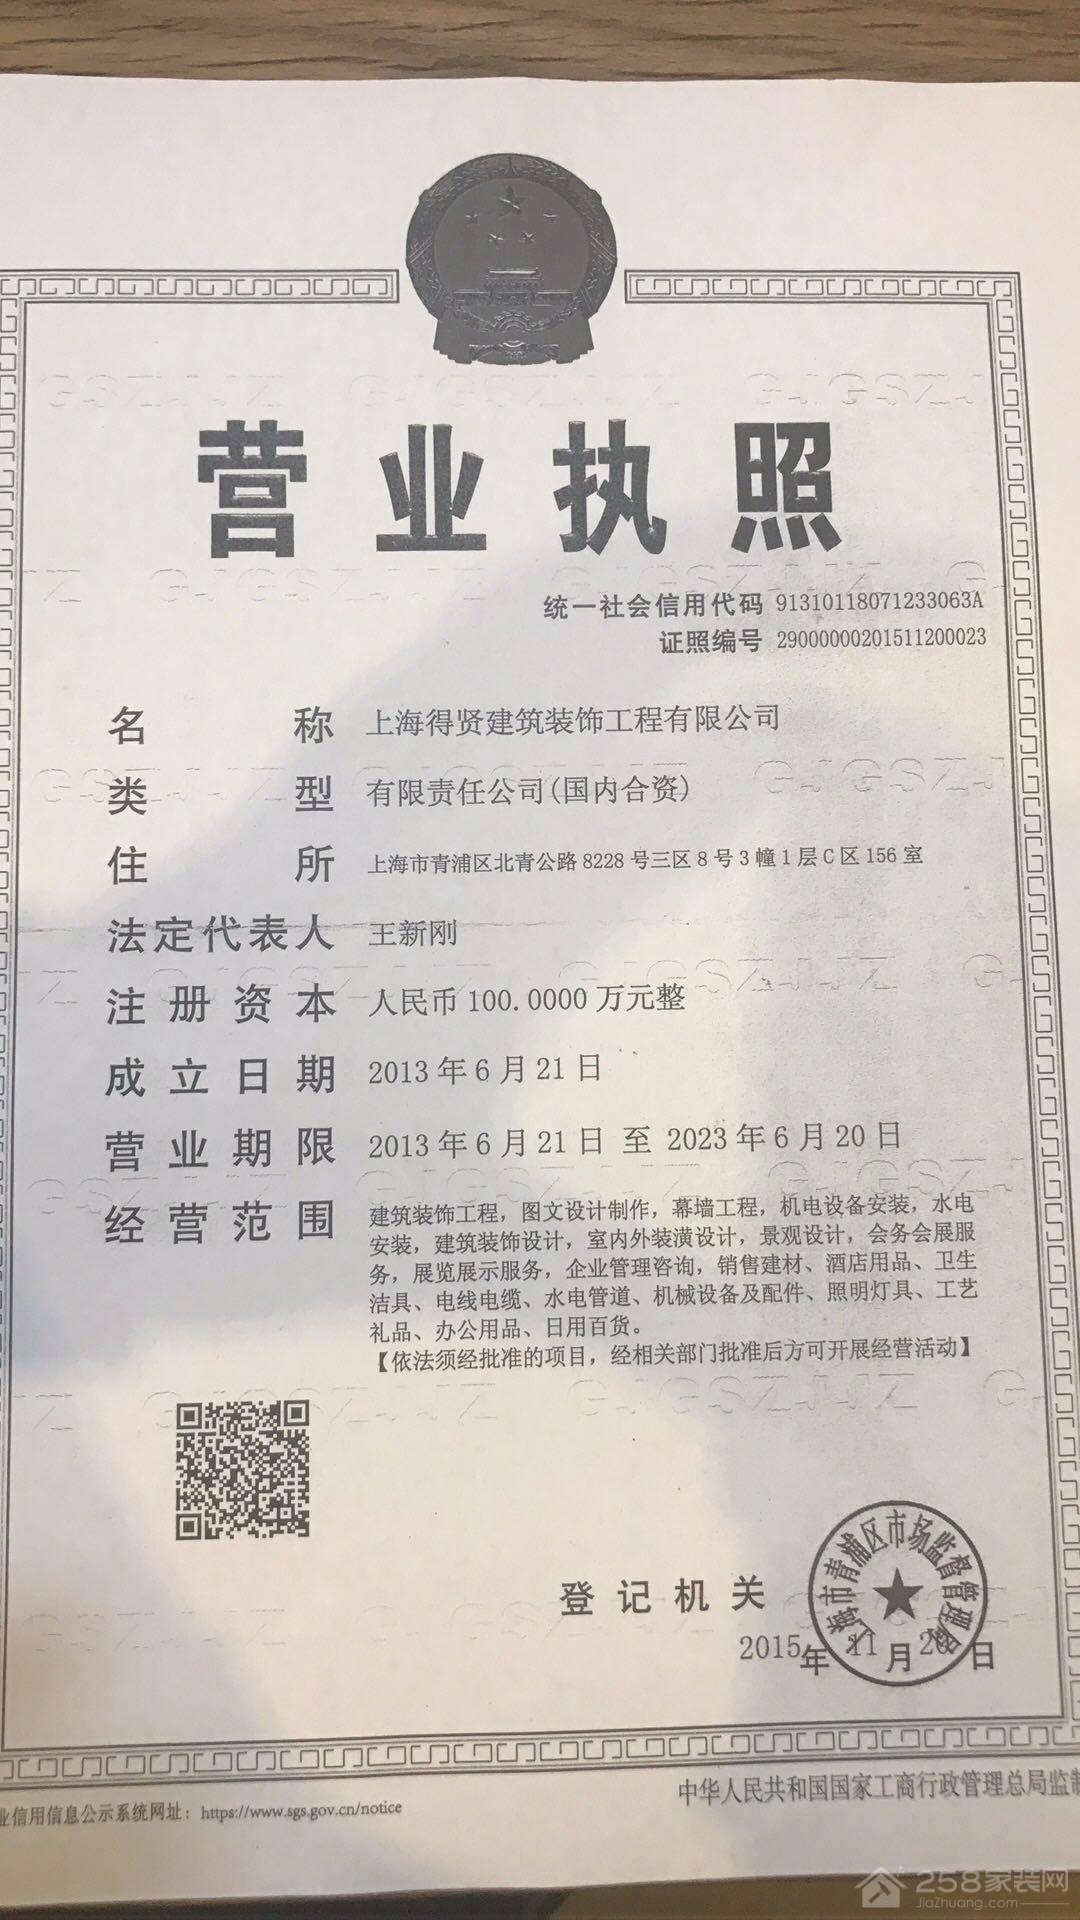 上海得贤建筑装饰工程有限公司